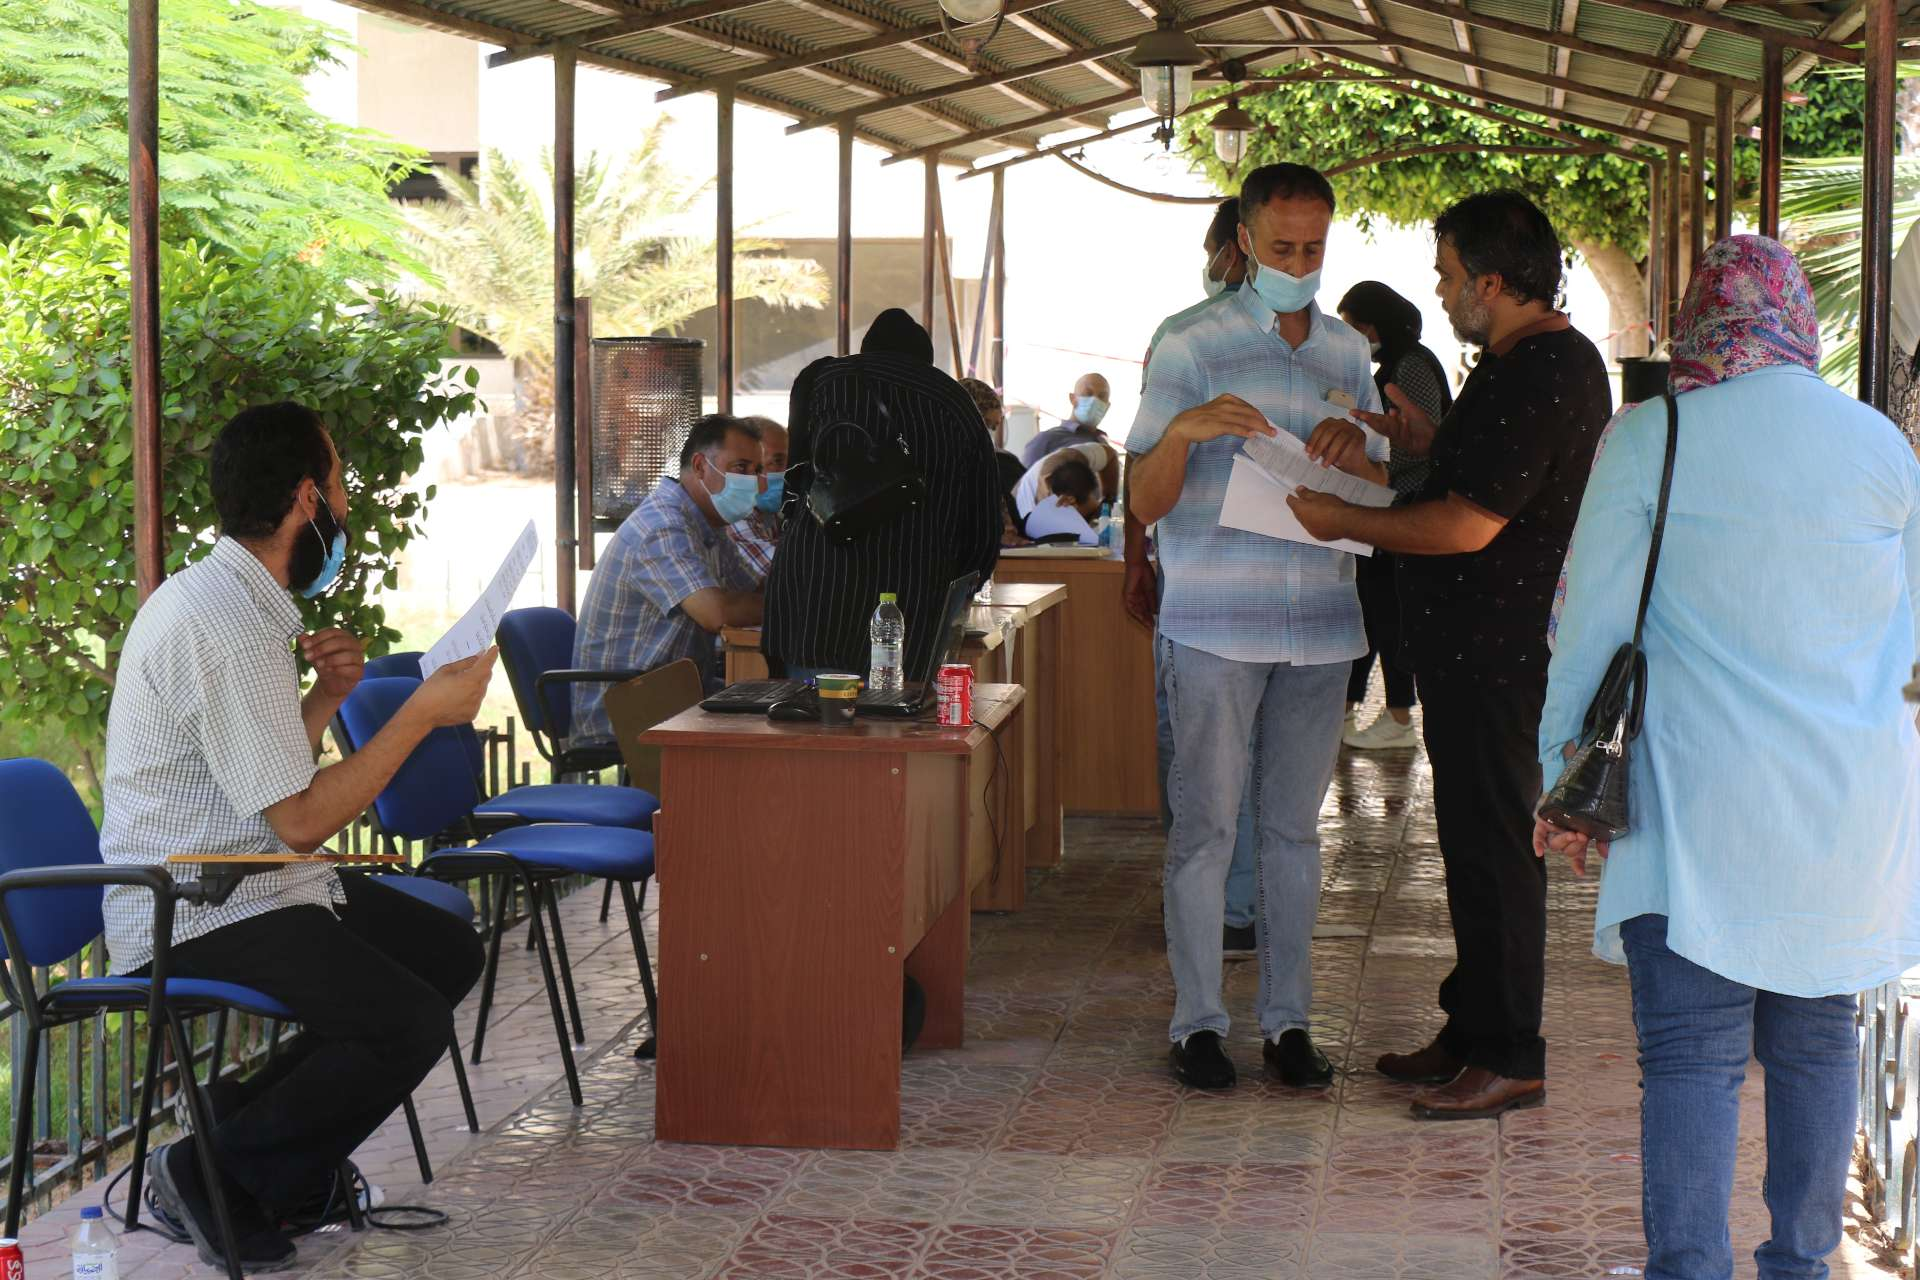 تواصل قبول ملفات الطلاب الجدد المتقدمين للدراسة بالأكاديمية الليبية للدراسات العليا بجنزور.